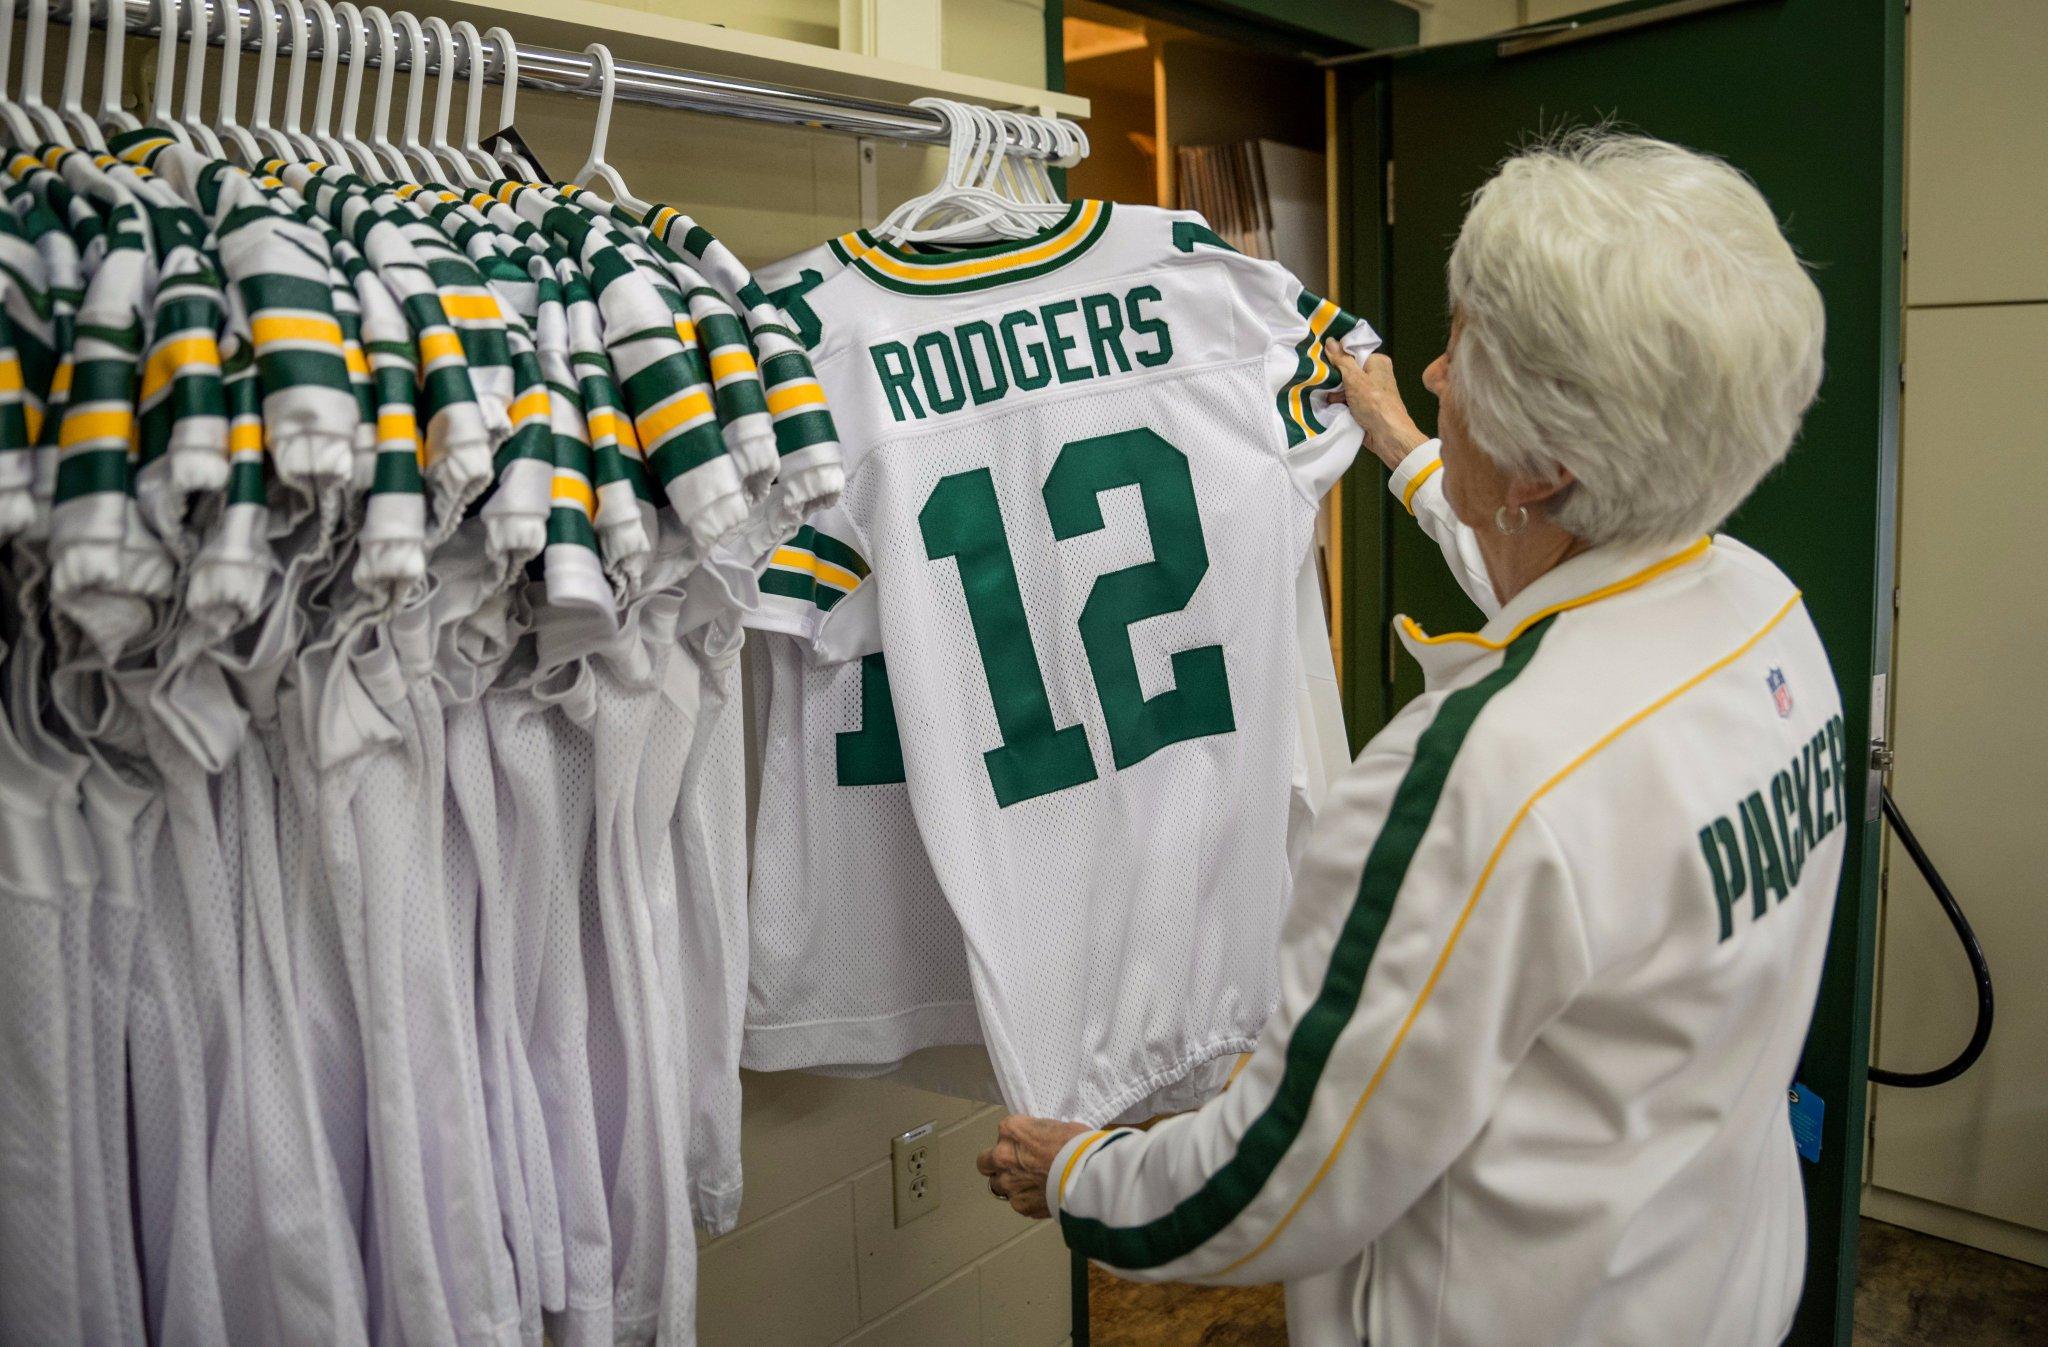 Inside the #Packers Sewing Room.   ��: https://t.co/Ya8u5fnVC5   #ColorRush #GoPackGo https://t.co/JtWmYe092D